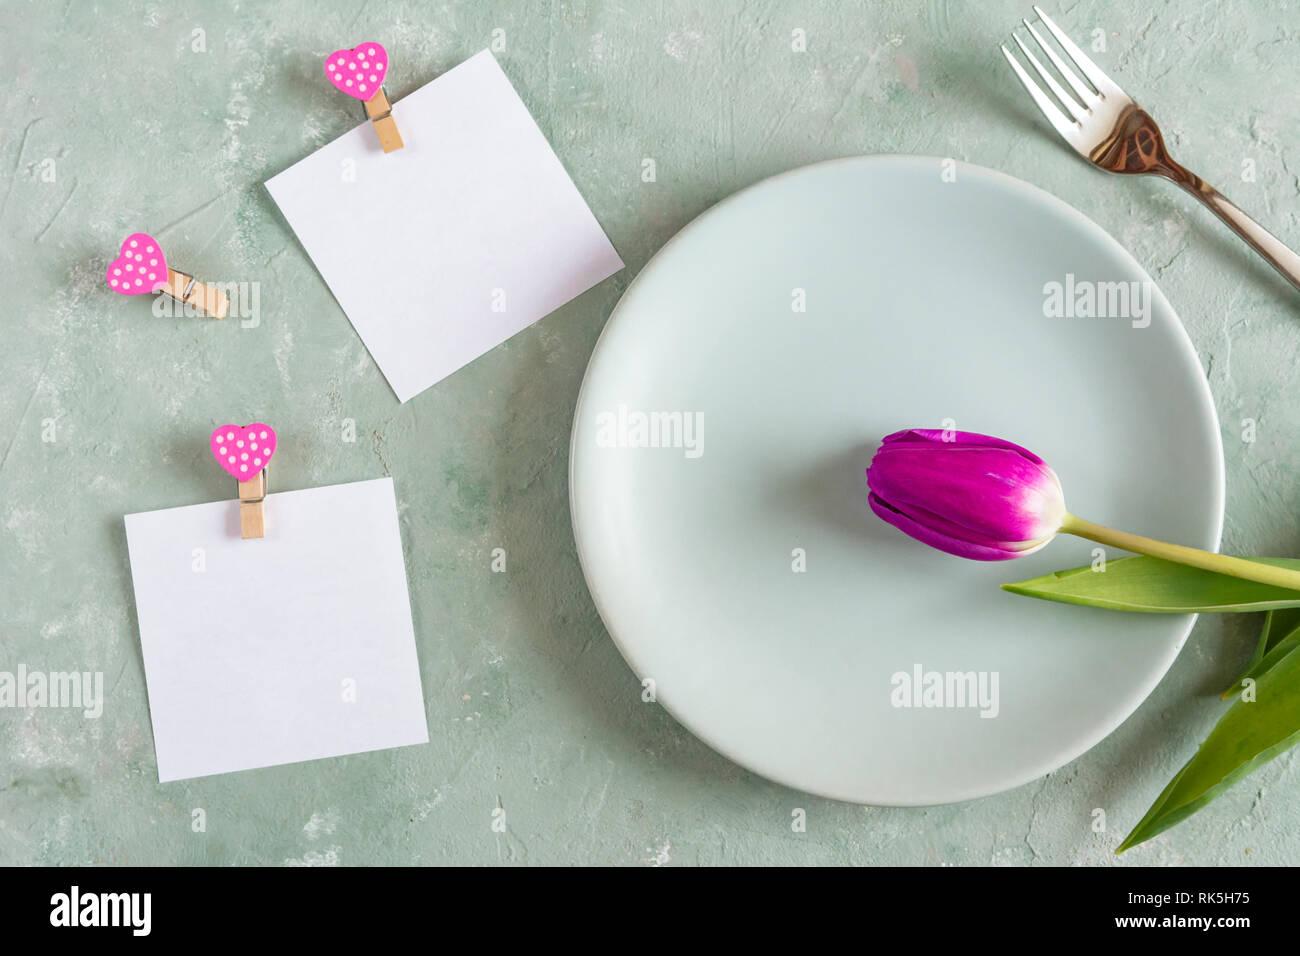 Día De San Valentín Cena Romántica Concepto Tarjeta De